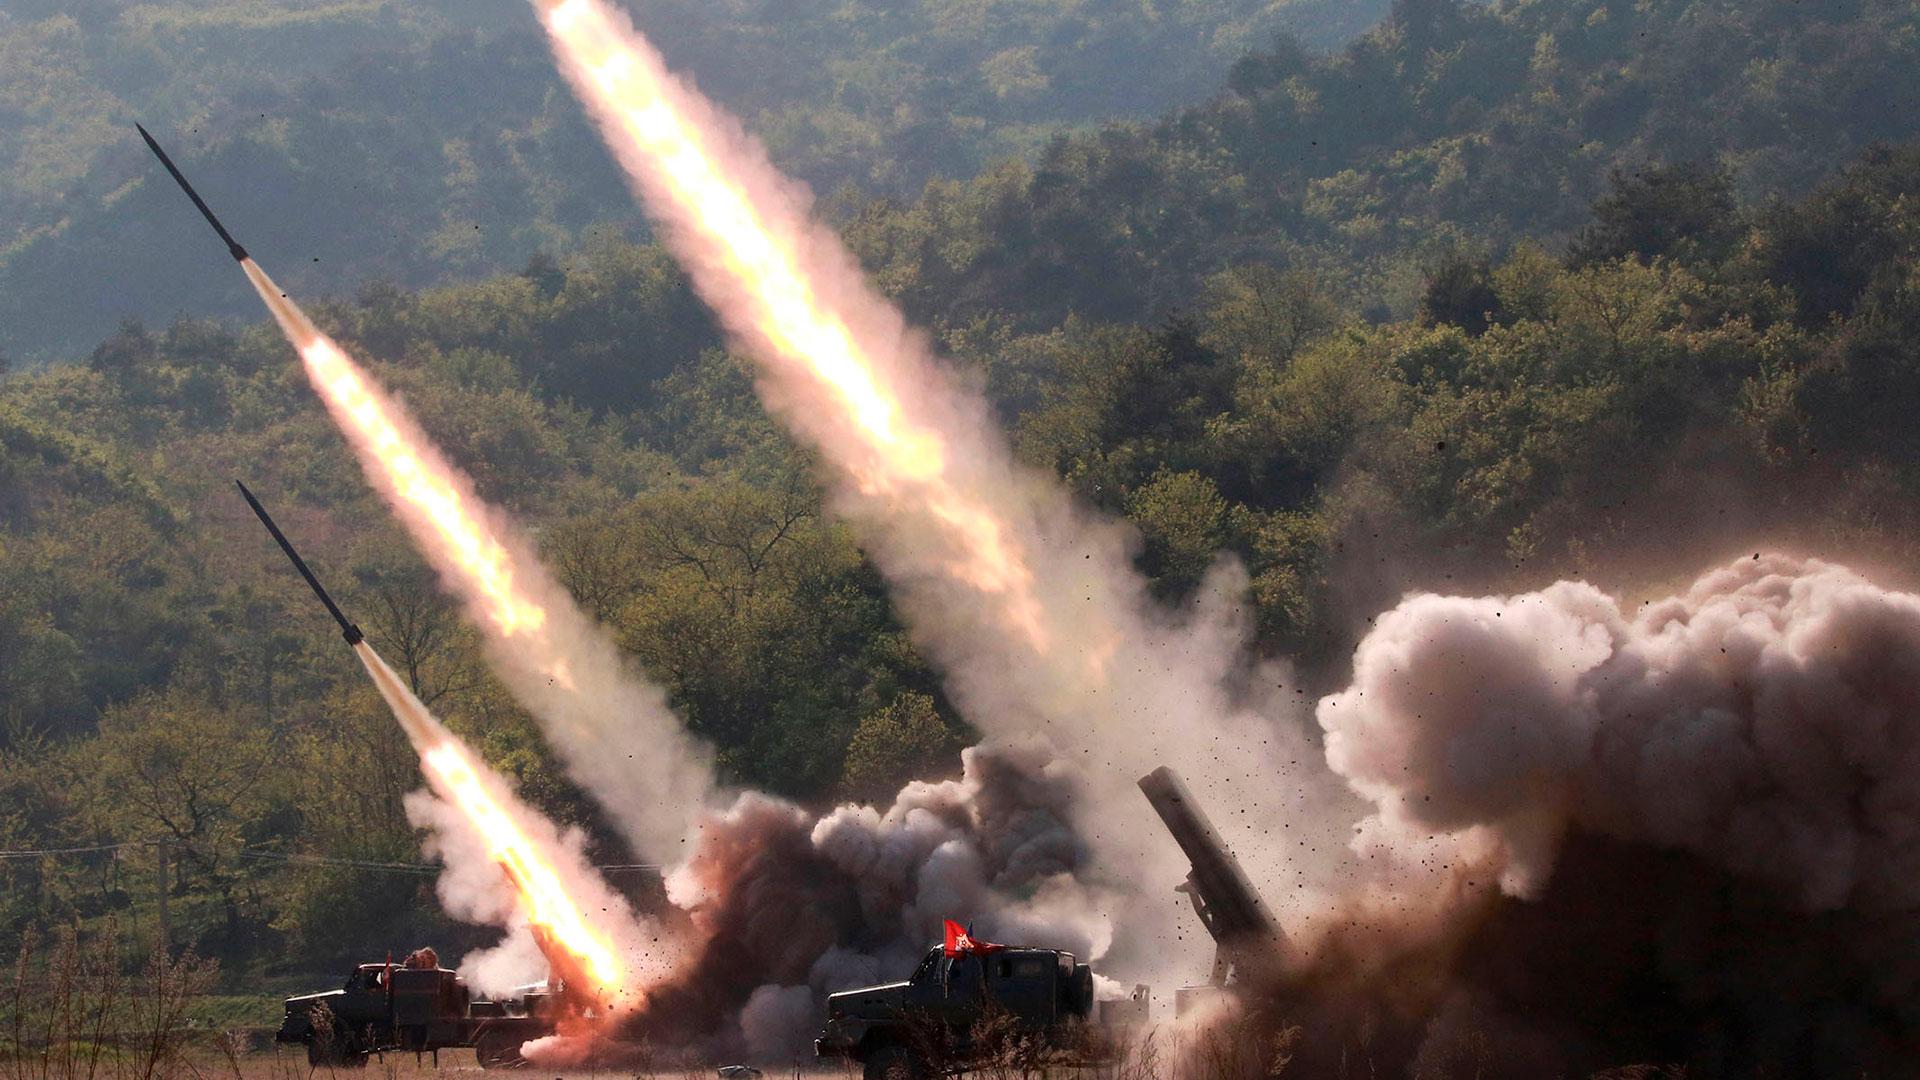 La sombra rusa detrás del último lanzamiento de misiles de Corea del Norte - Infobae